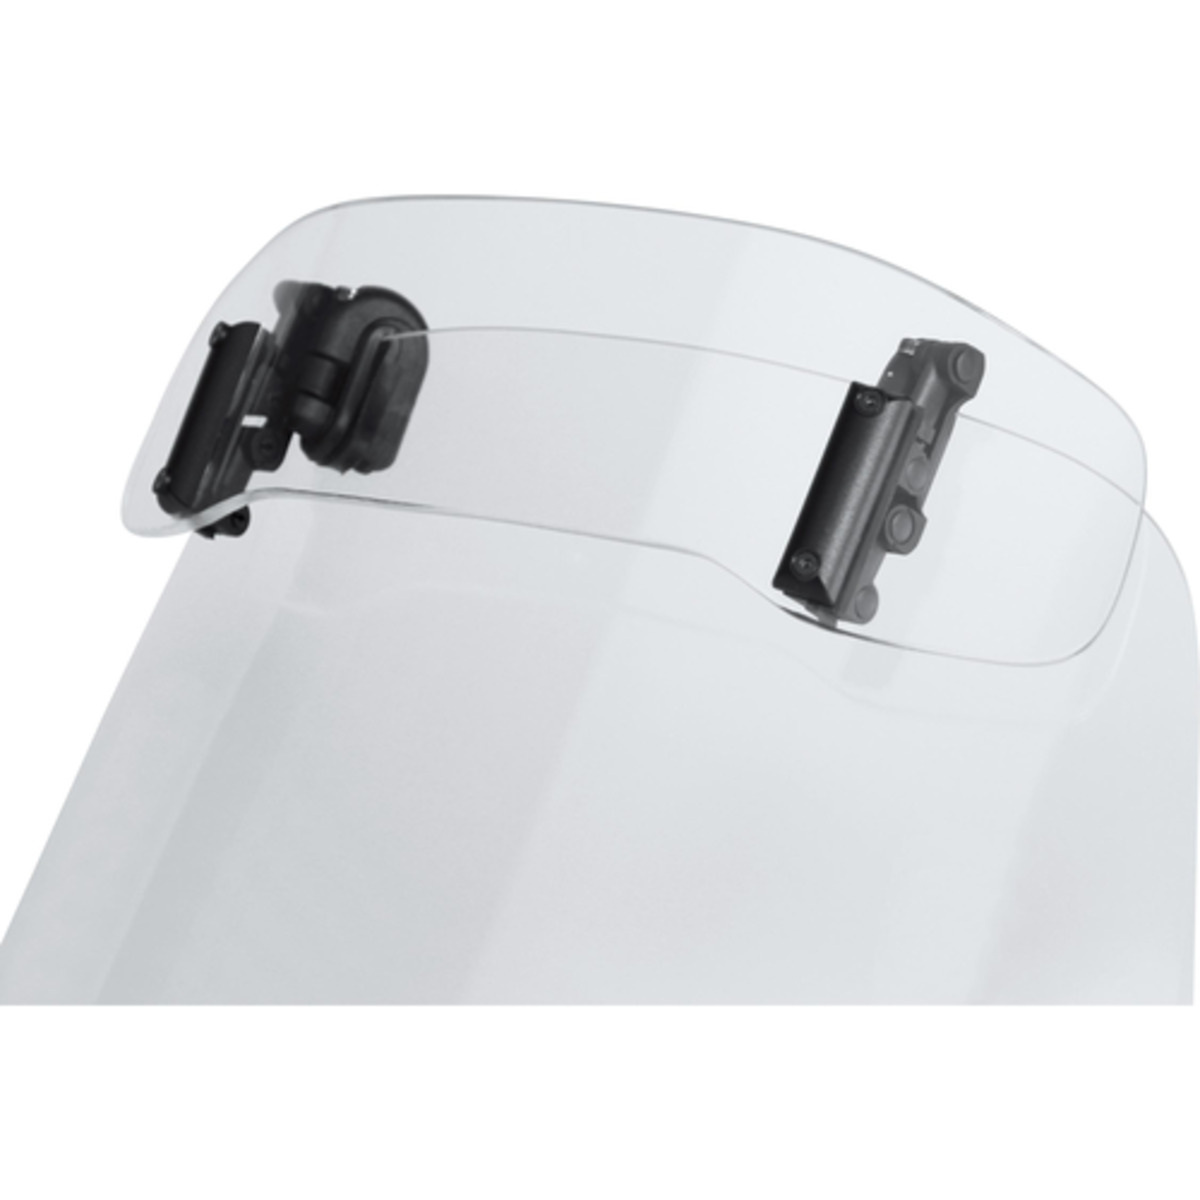 Bild 3 von MRA Aufsatzspoiler für Scheiben VSA-C 310x80mm klar farblos